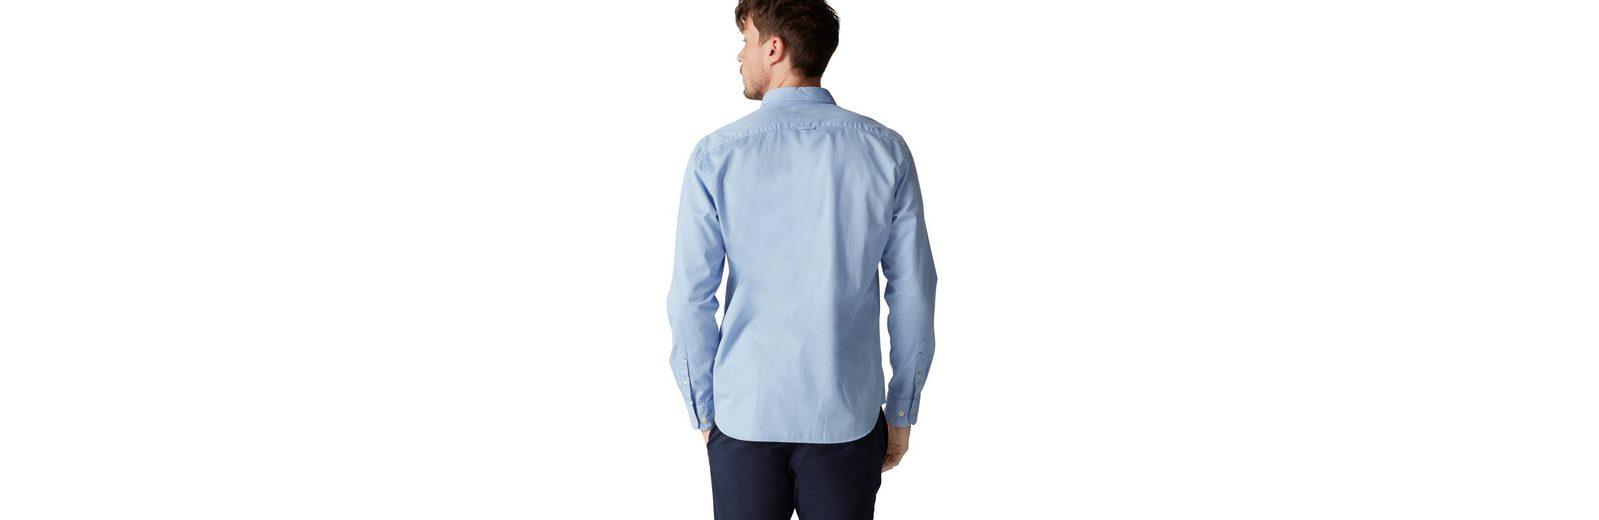 Freiheit 100% Garantiert Freiraum 100% Original Marc O'Polo Langarmhemd Rabatt Angebot 6Rq6Mc7A8